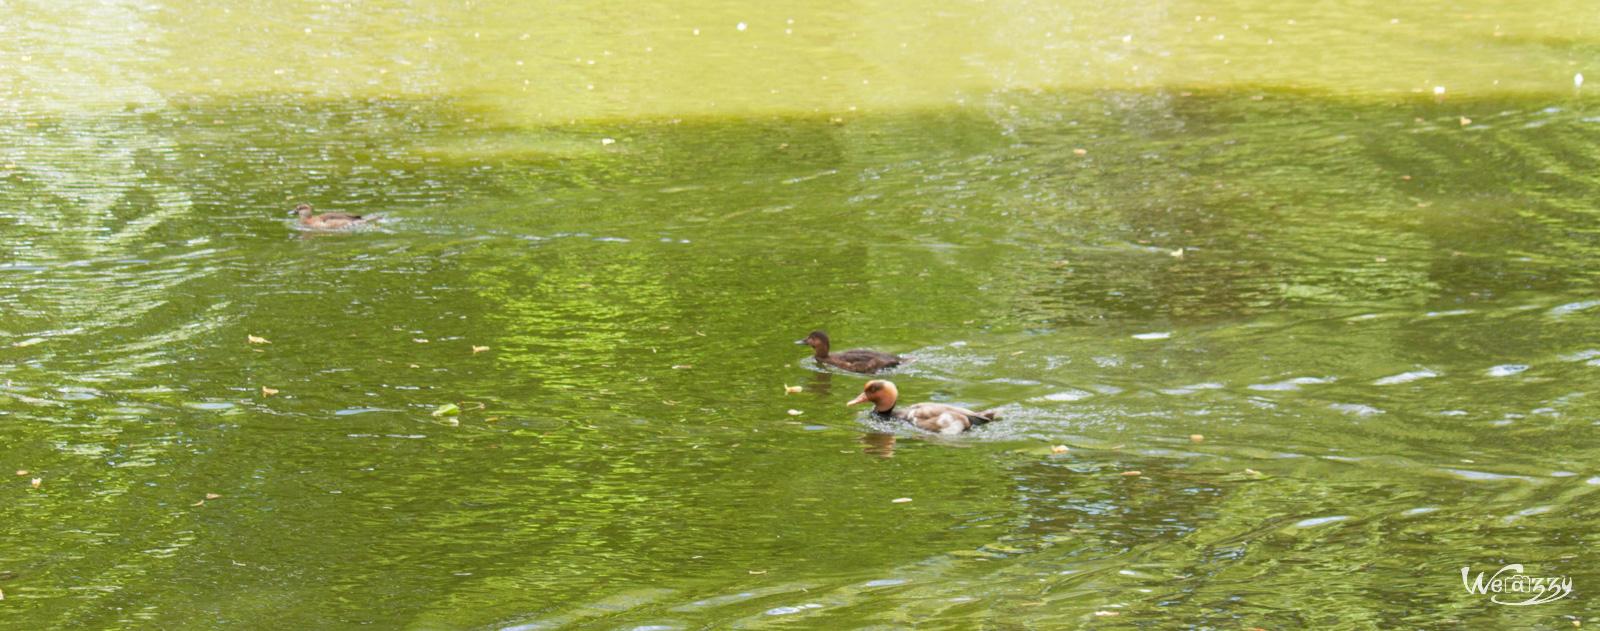 Course de canard 1